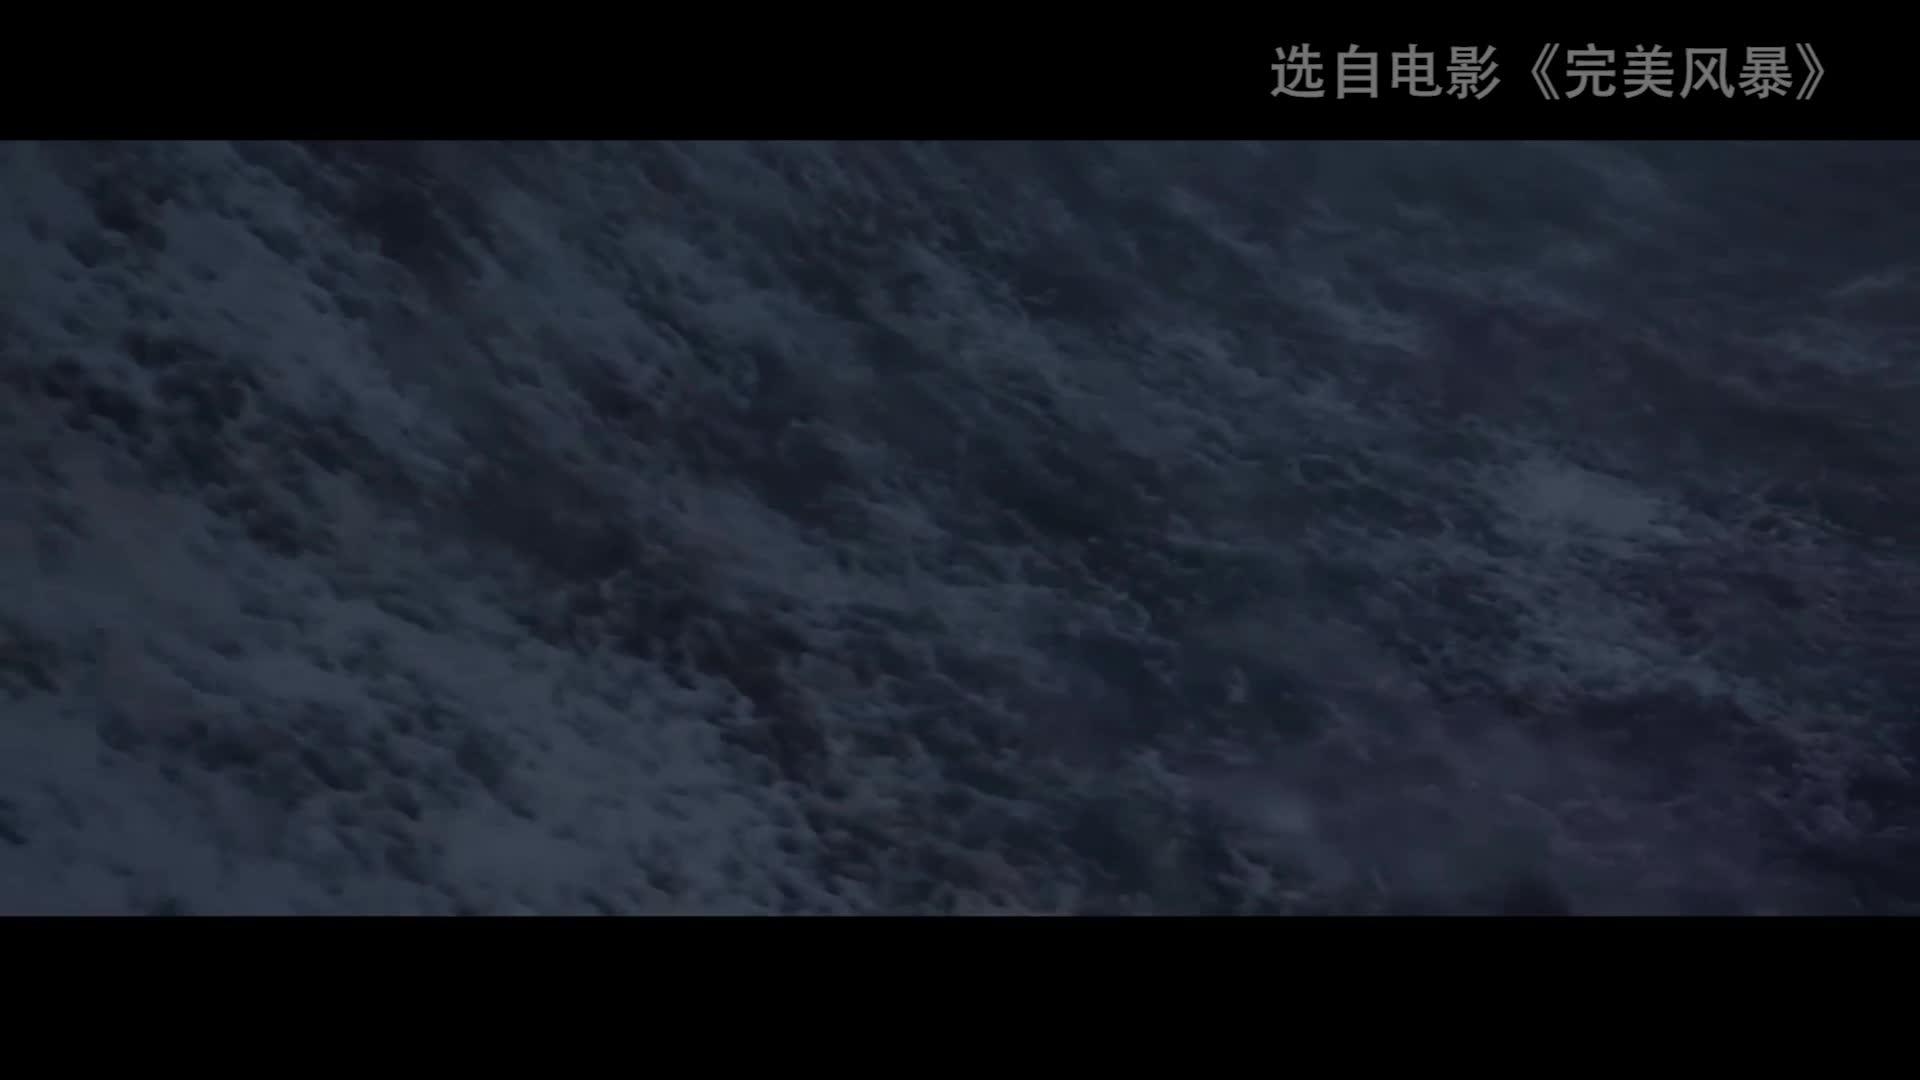 《物理大师》38大气压强-神秘的大气力量